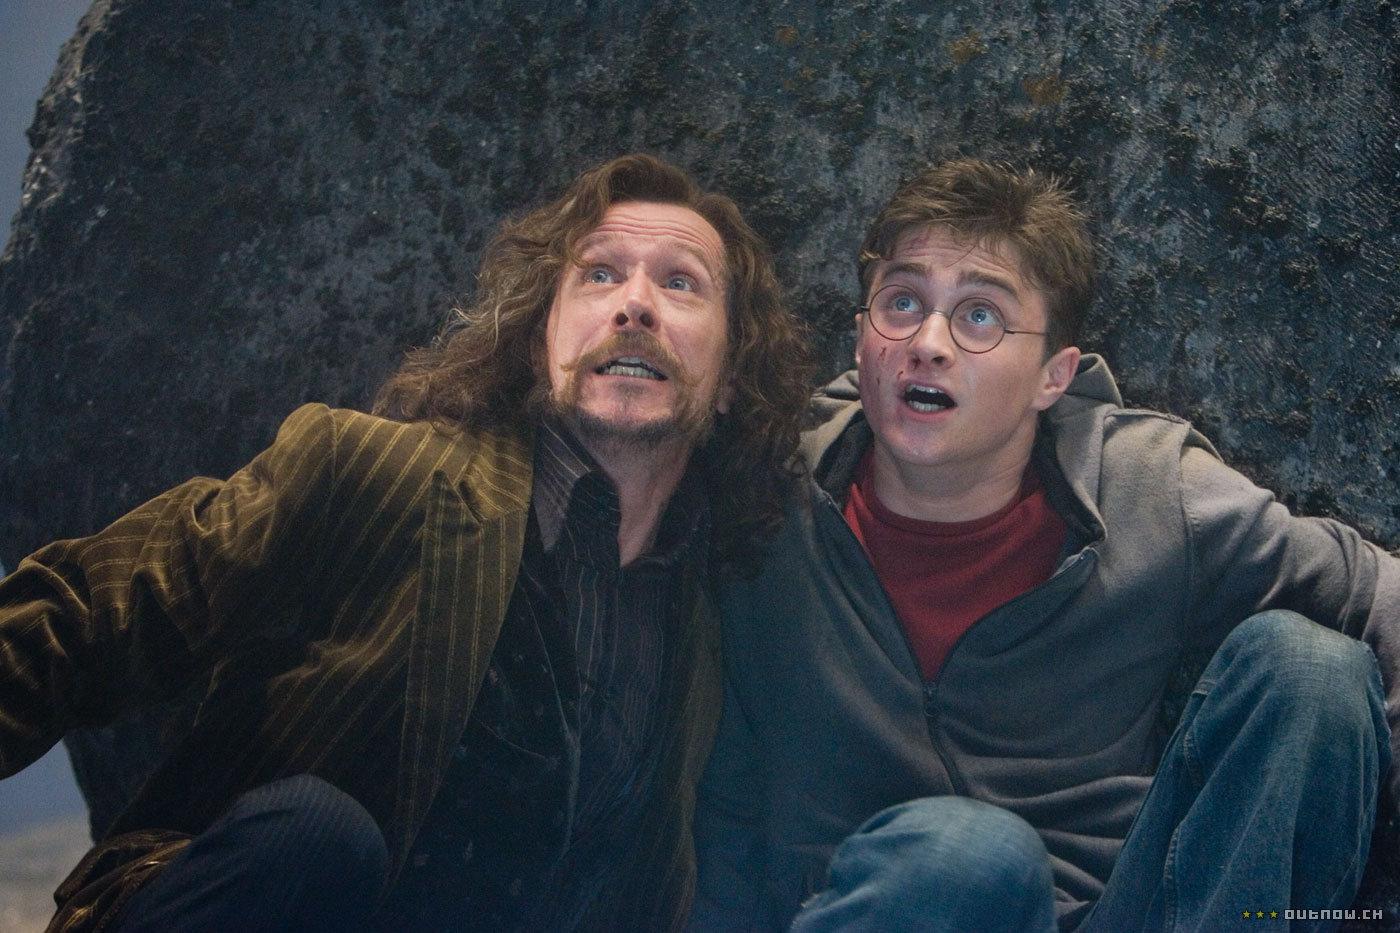 кадры из фильма Гарри Поттер и Орден Феникса Гэри Олдман, Дэниэл Рэдклифф,